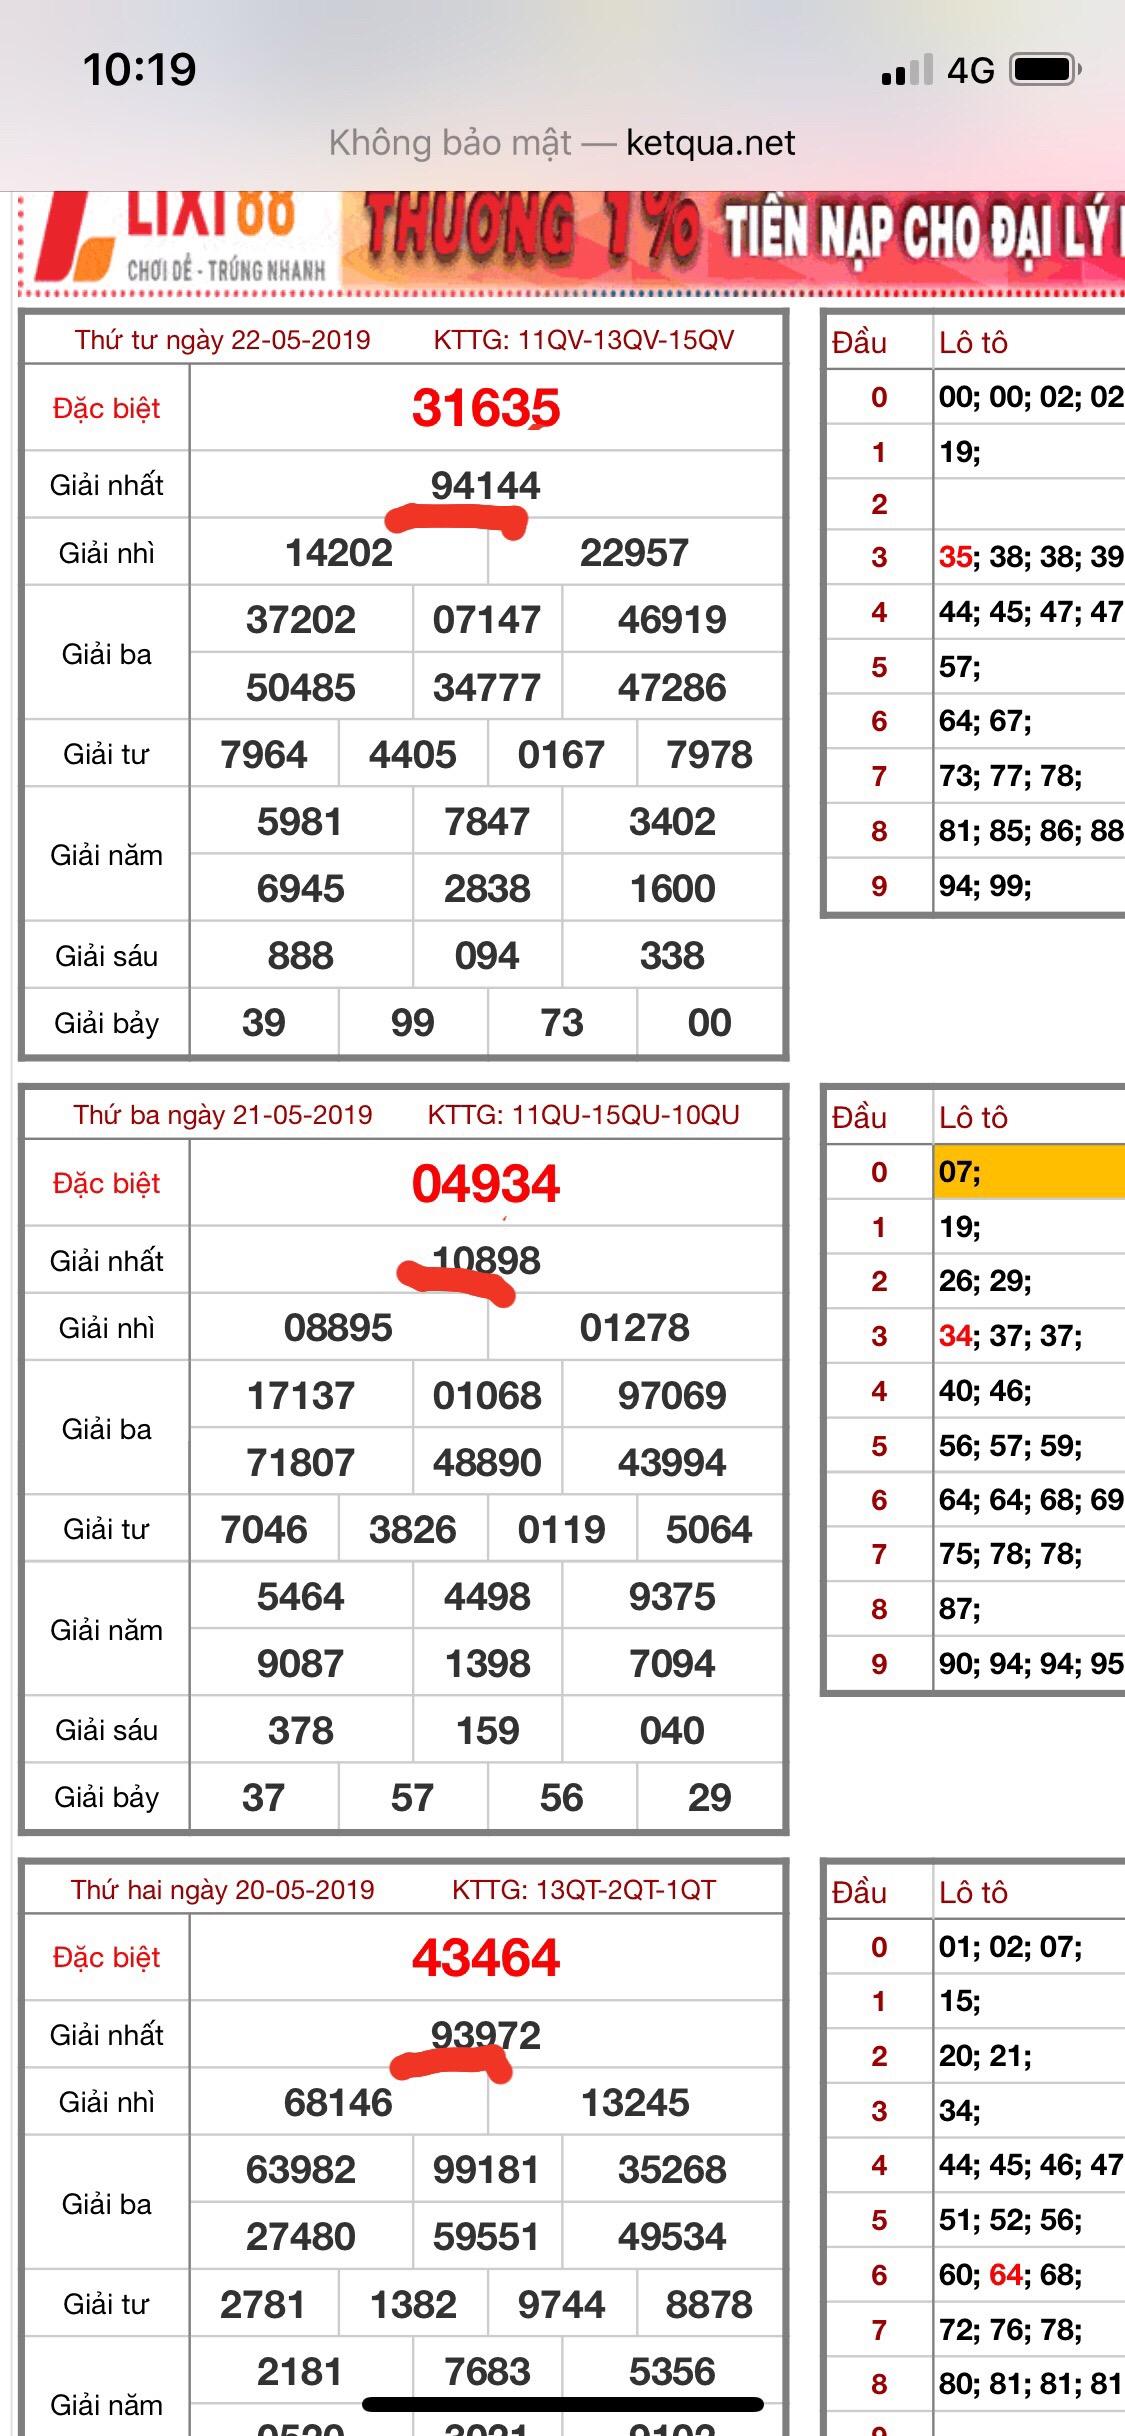 D9ED6AA5-1869-4406-ABFA-C9F2C157C25D.jpeg